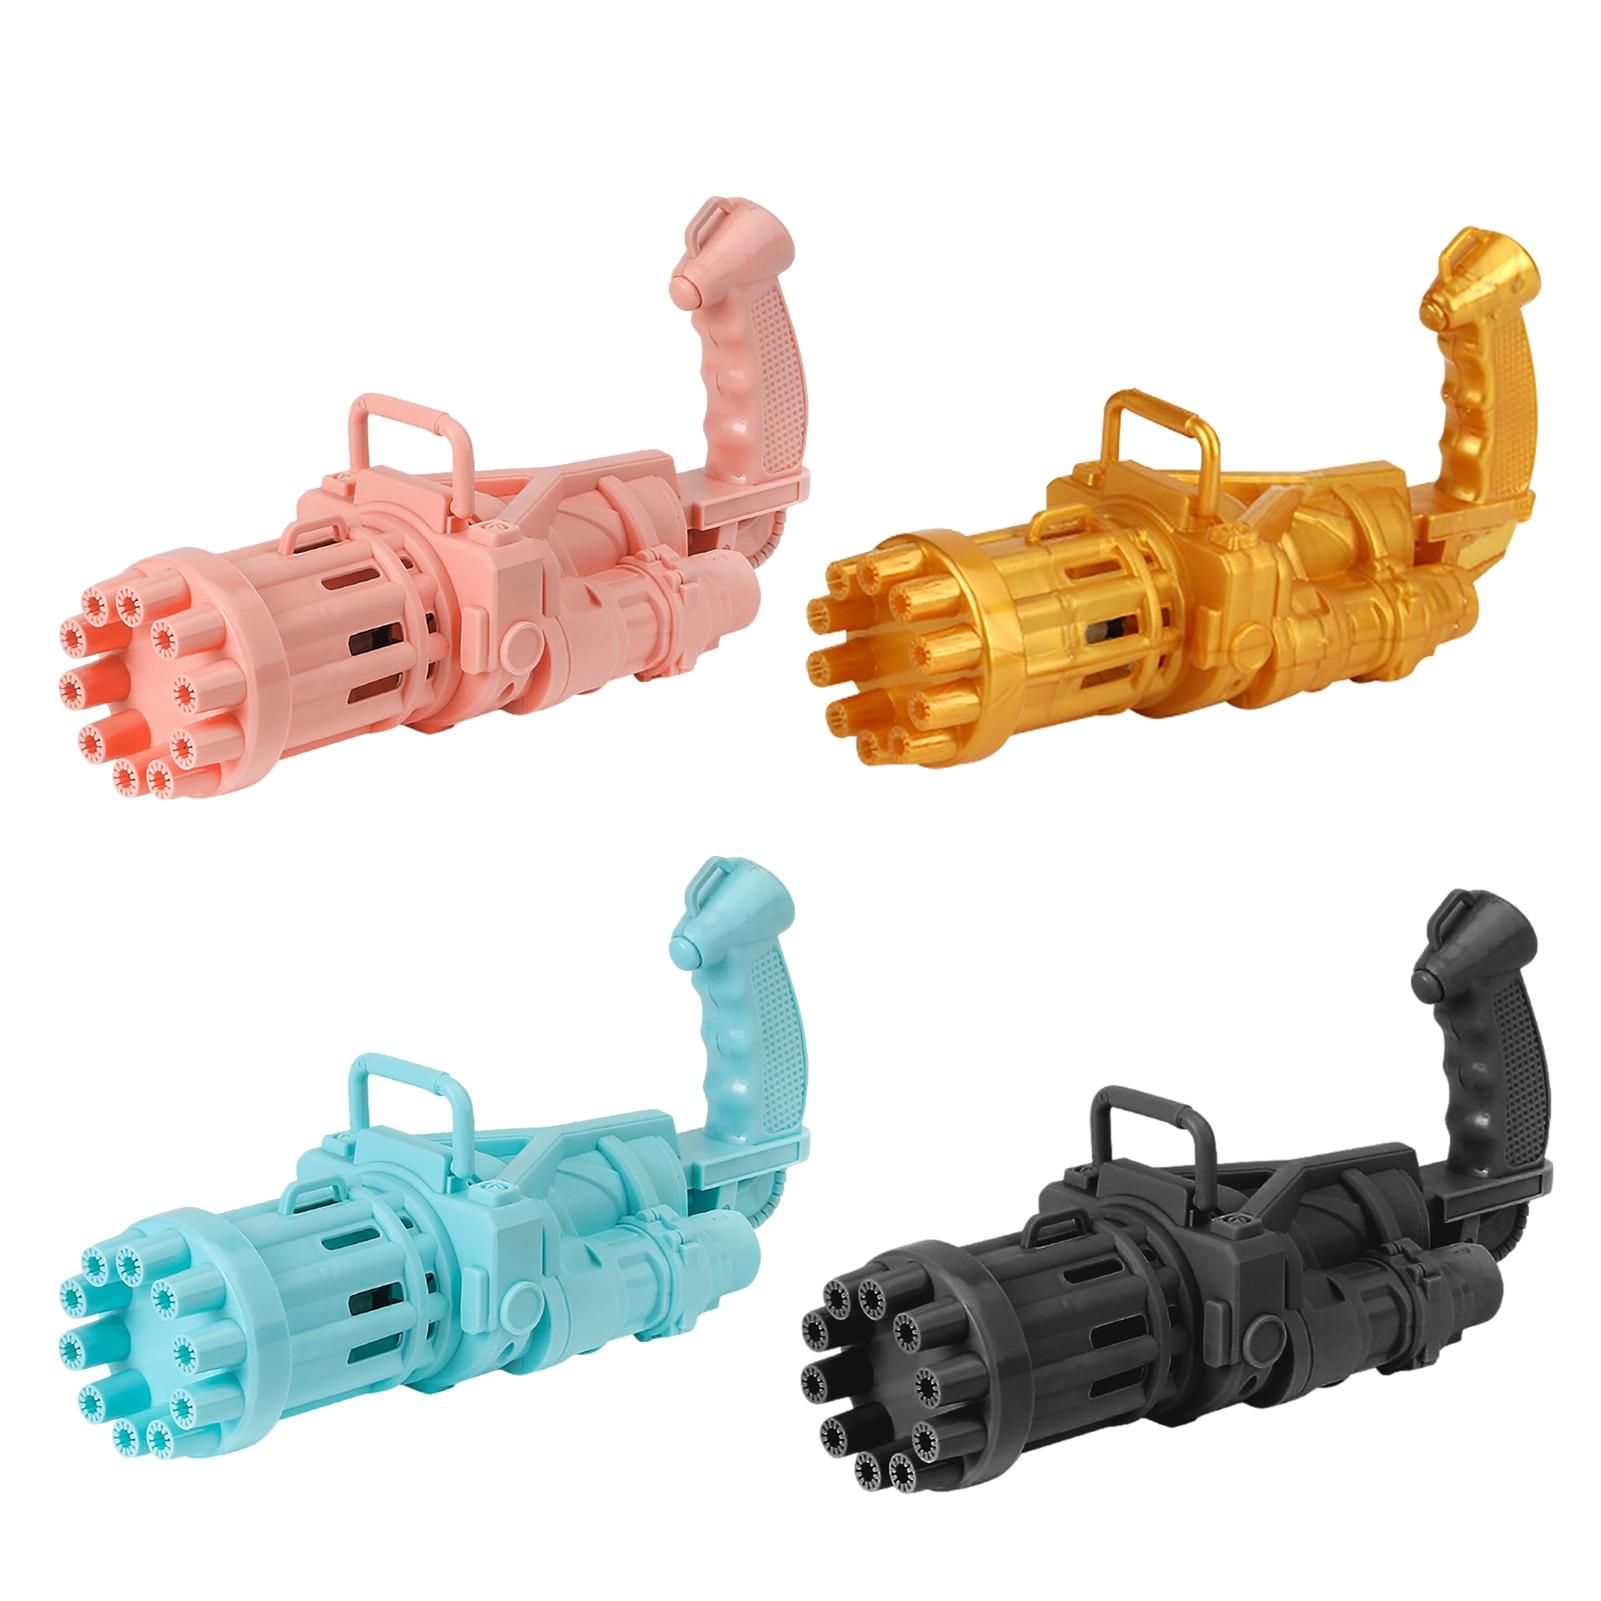 Электрическая пузырчатая машина Gatling, автоматический пистолет для пузырей с 10 отверстиями, игрушки для детей, волшебный аппарат для мыльных...